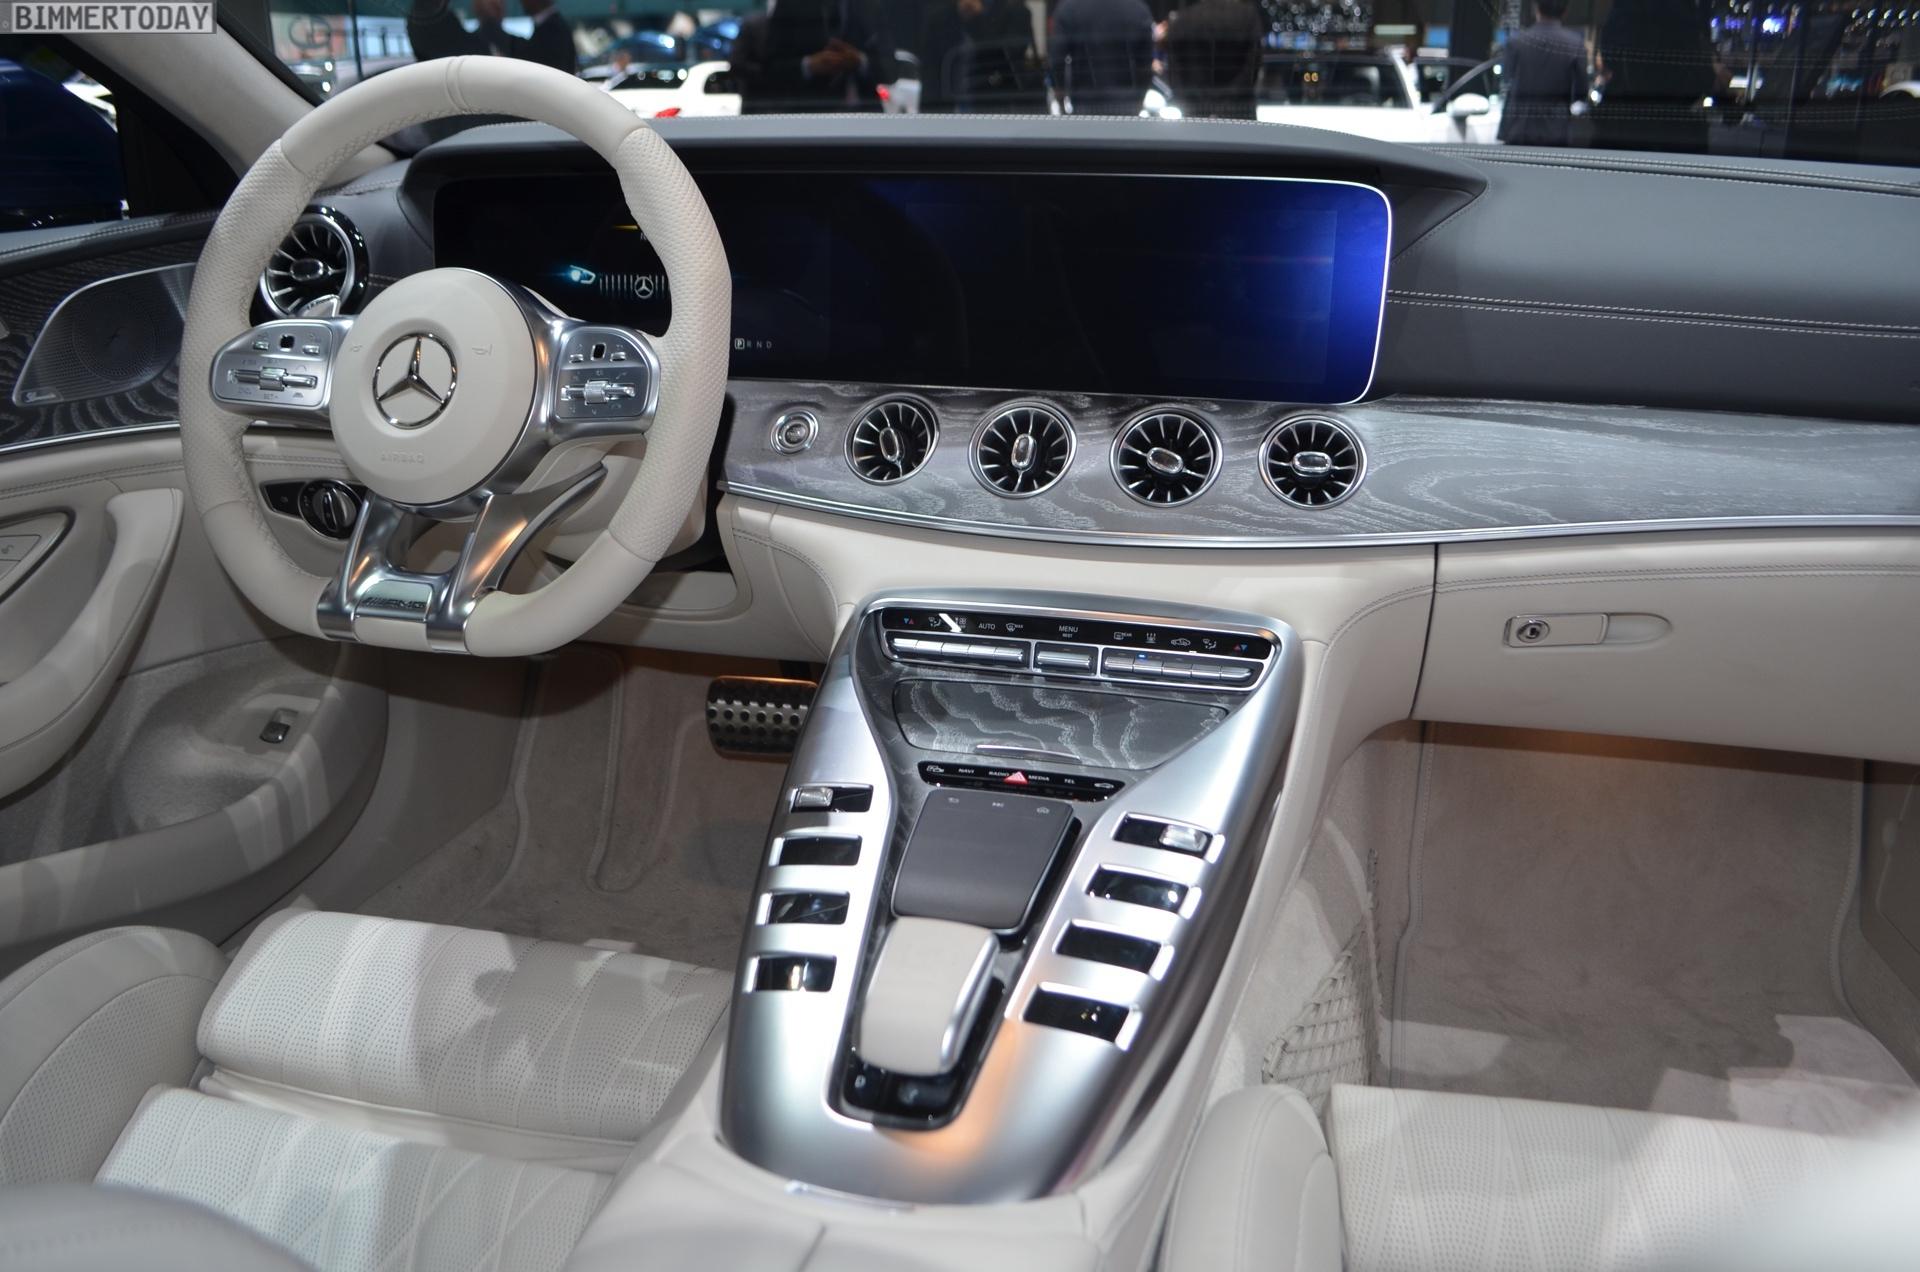 https://cdn.bmwblog.com/wp-content/uploads/2018/03/Genf-2018-Mercedes-AMG-GT-4-Tuerer-Coupe-X290-Interieur-Live-03.jpg